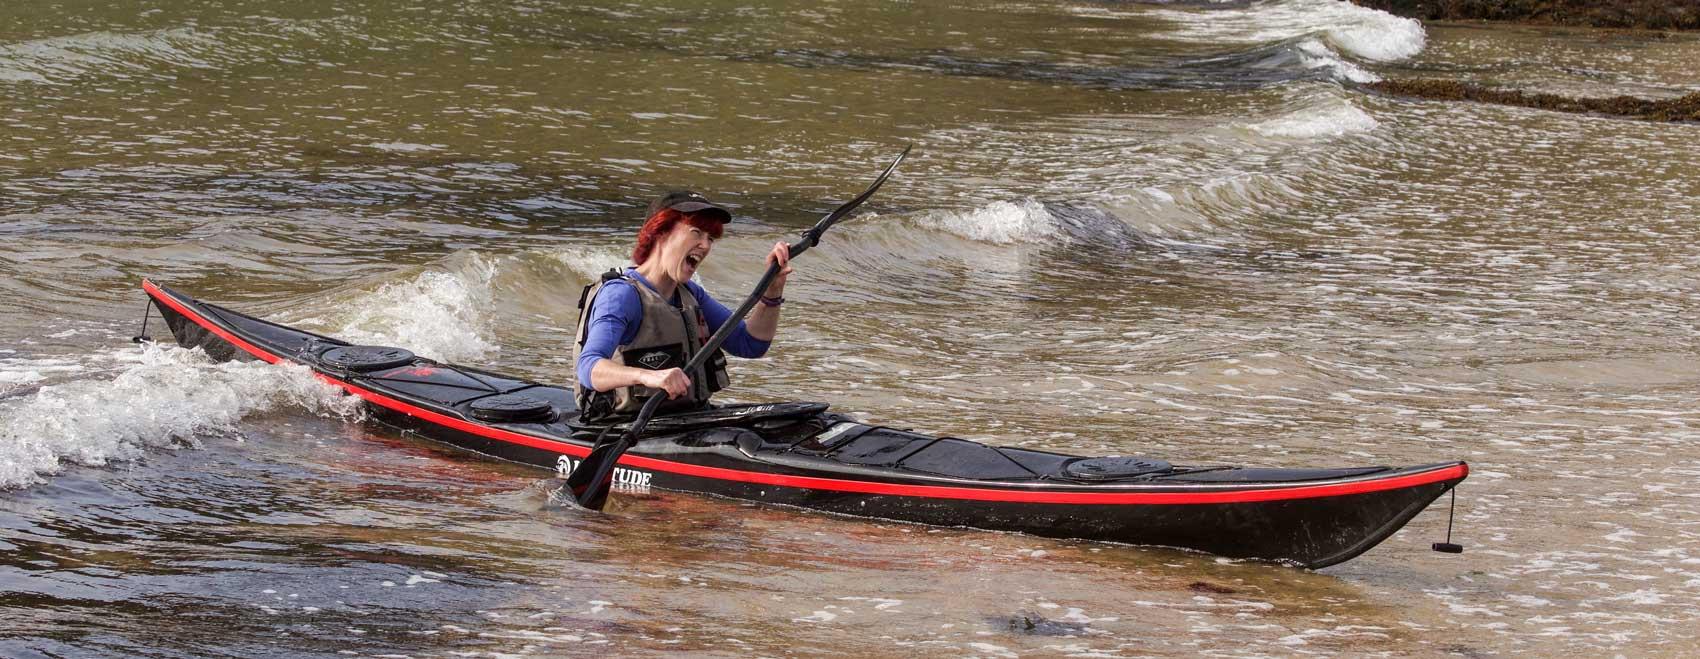 Karitek for sea kayaks by Nigel Dennis SKUK and Rockpool